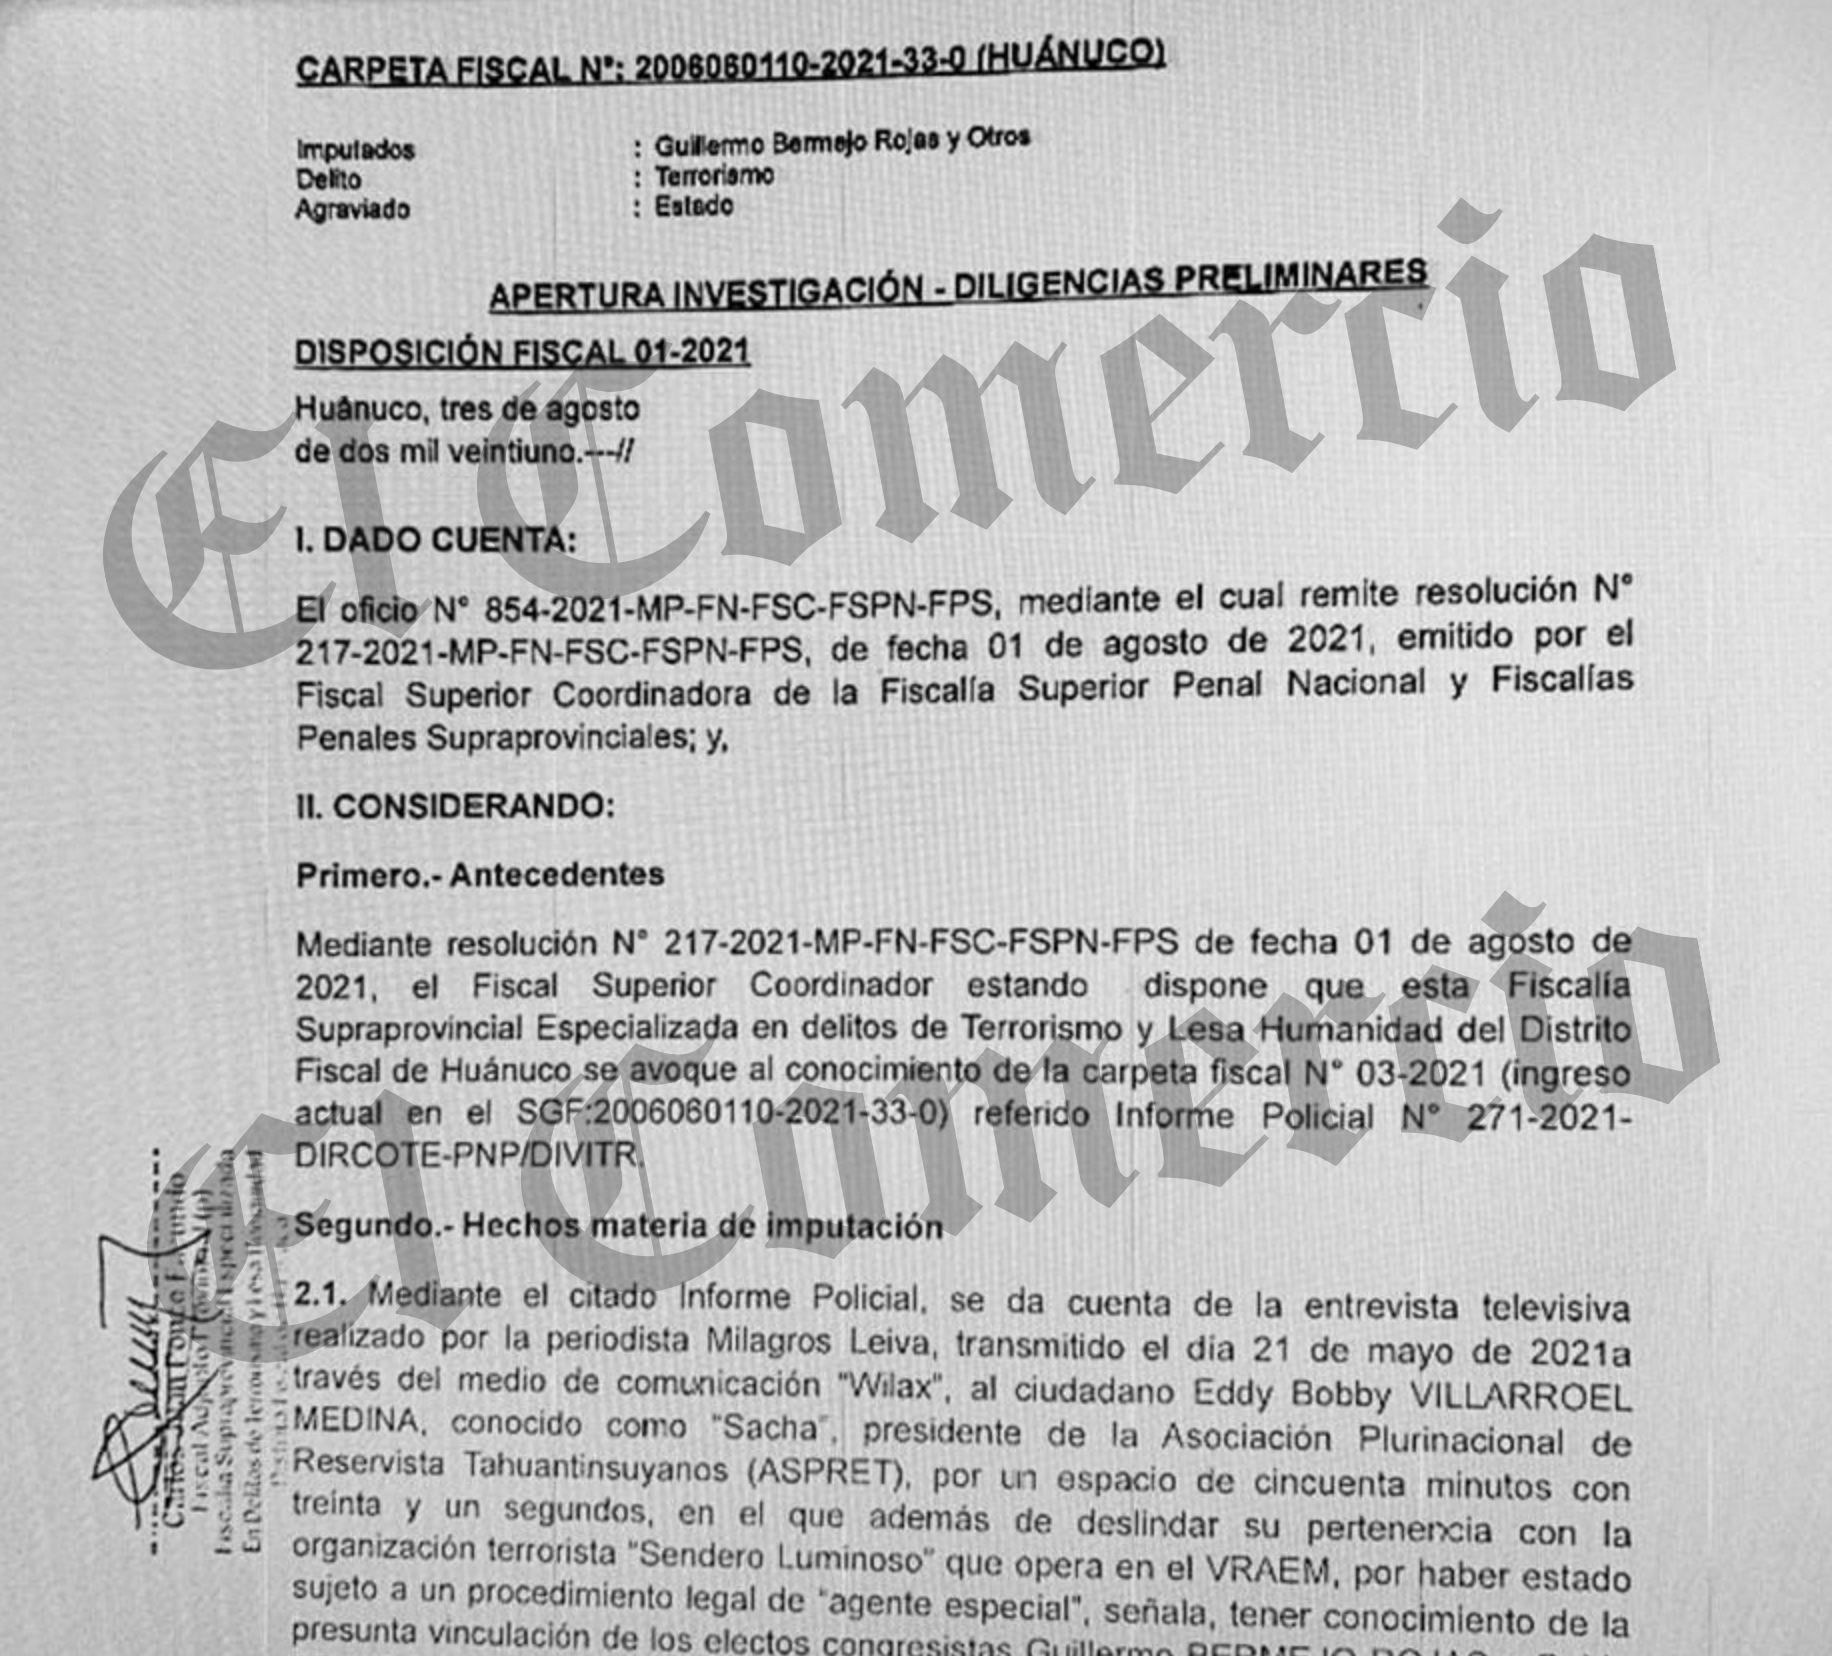 Disposición de la Fiscalía Supraprovincial Especializada en Delitos de Terrorismo y Lesa Humanidad de Huánuco.